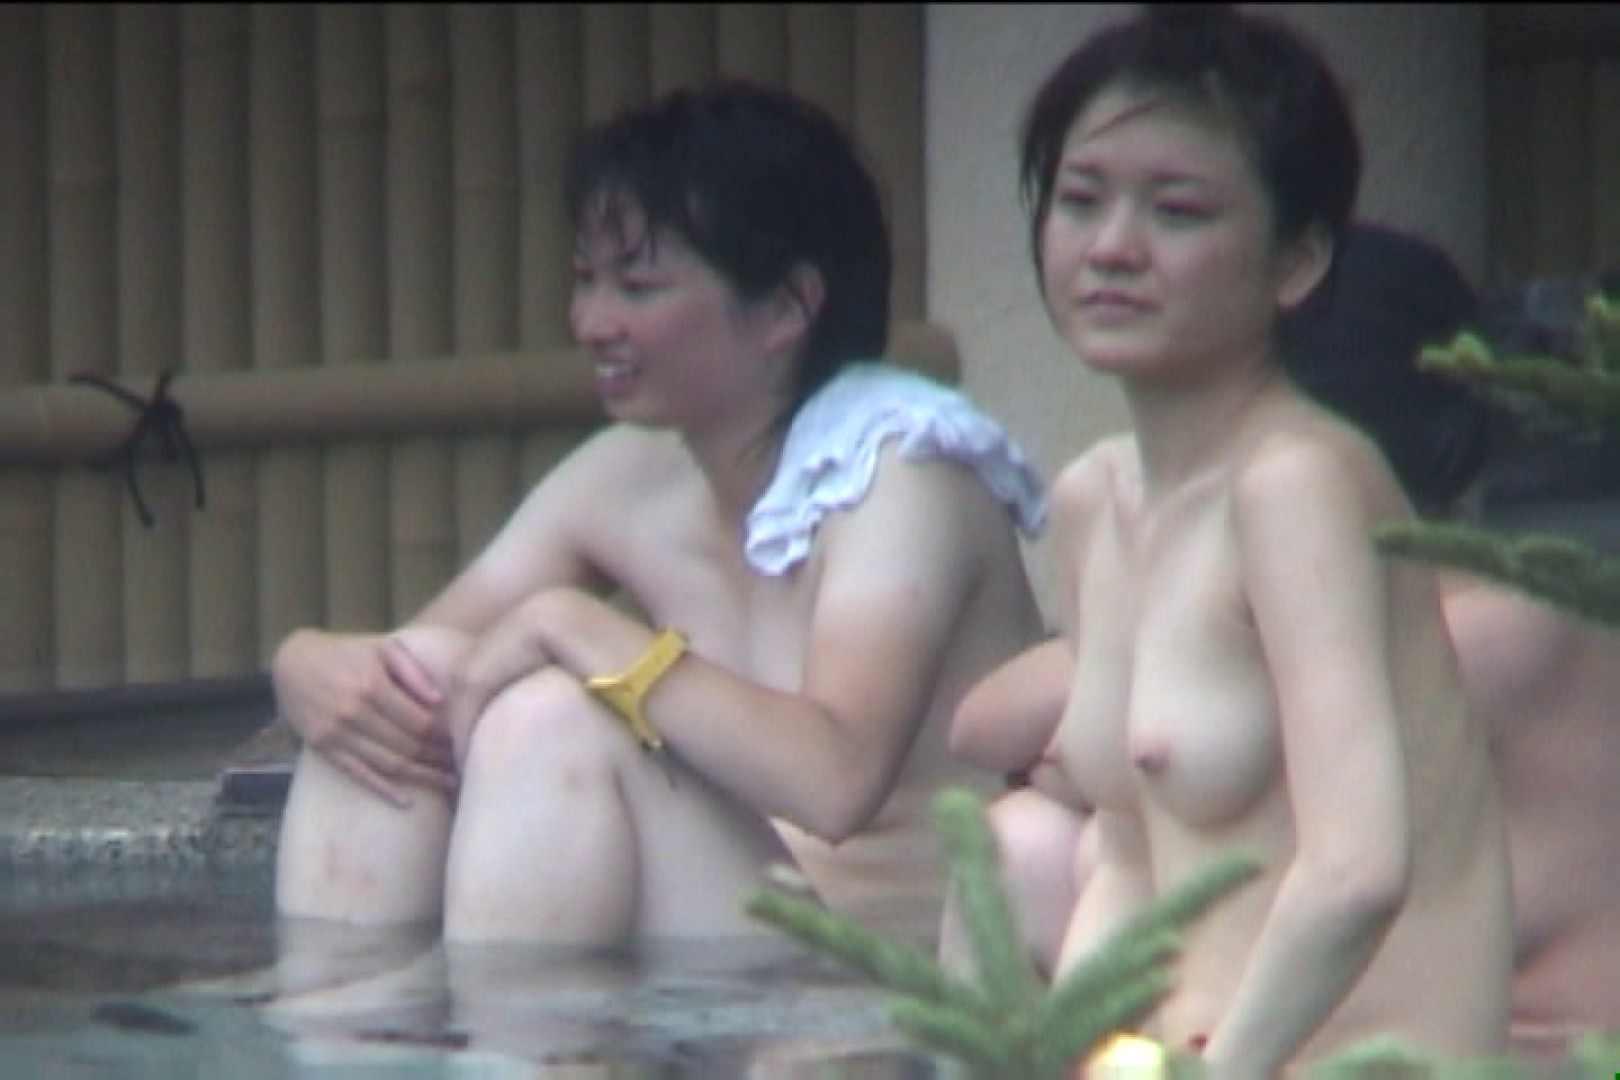 Aquaな露天風呂Vol.94【VIP限定】 盗撮シリーズ  111PIX 34